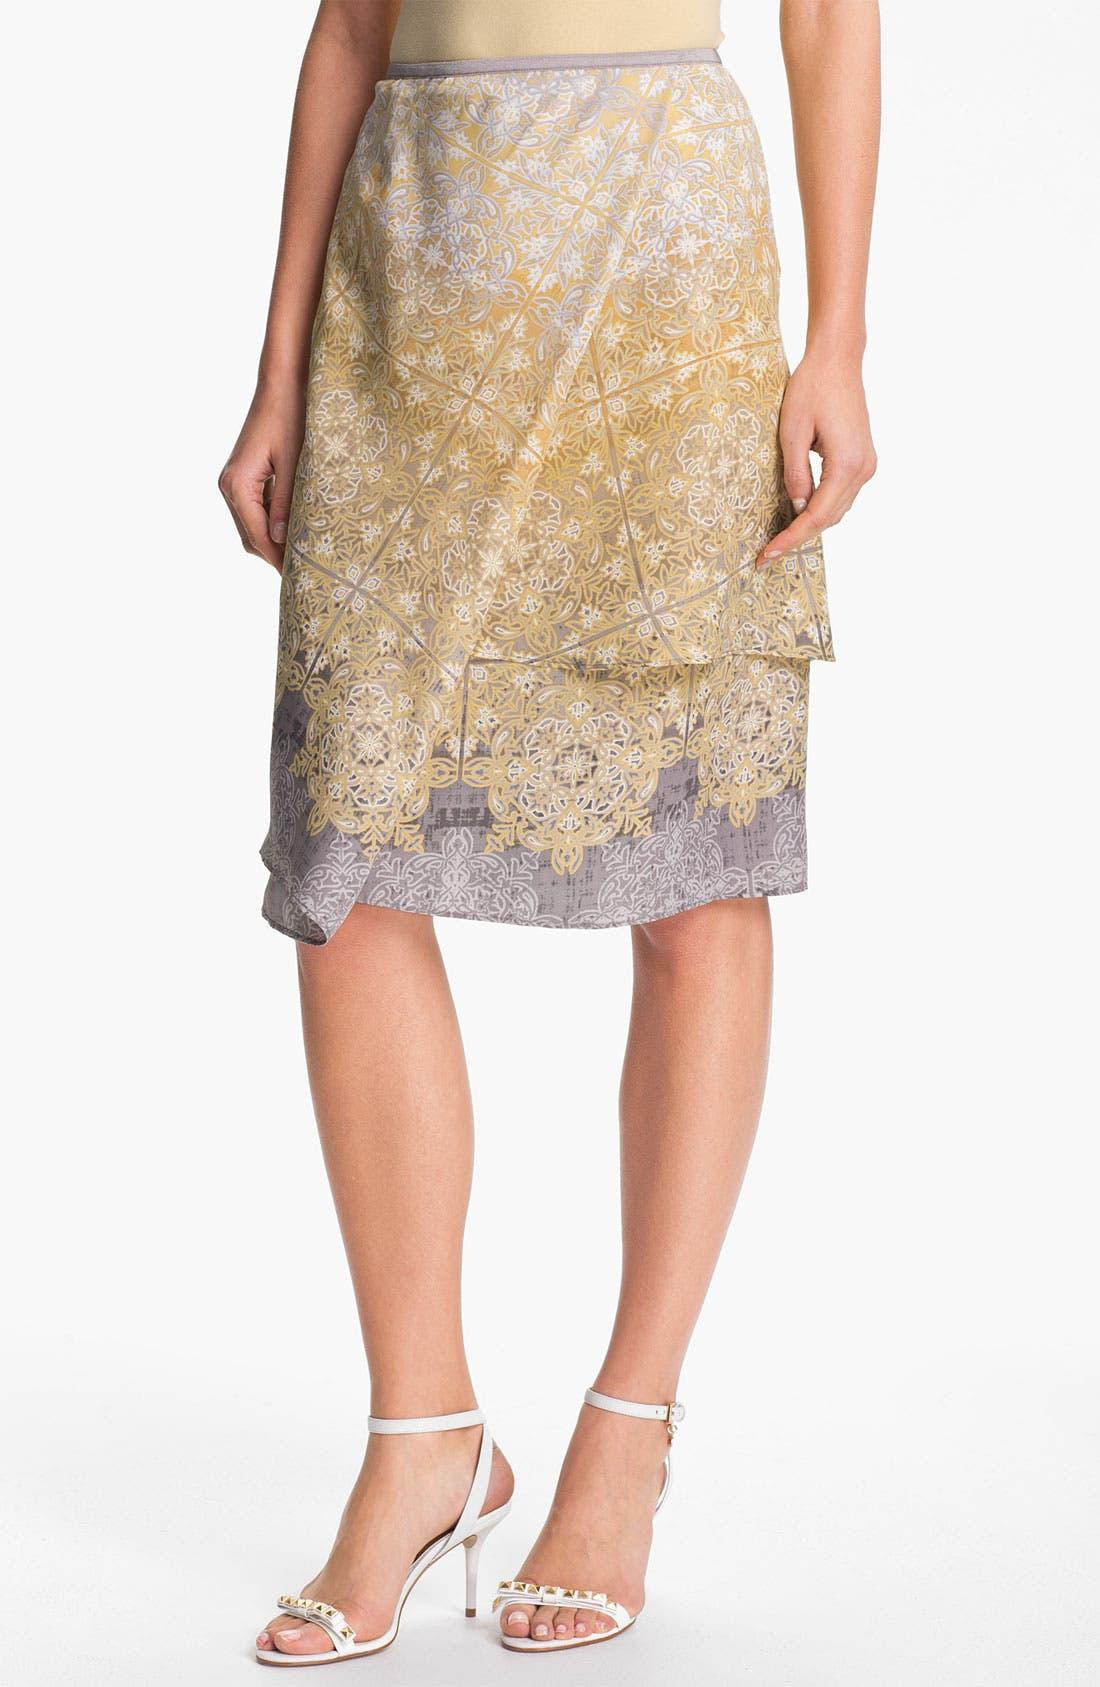 Main Image - Nic + Zoe 'Filigree' Print Skirt